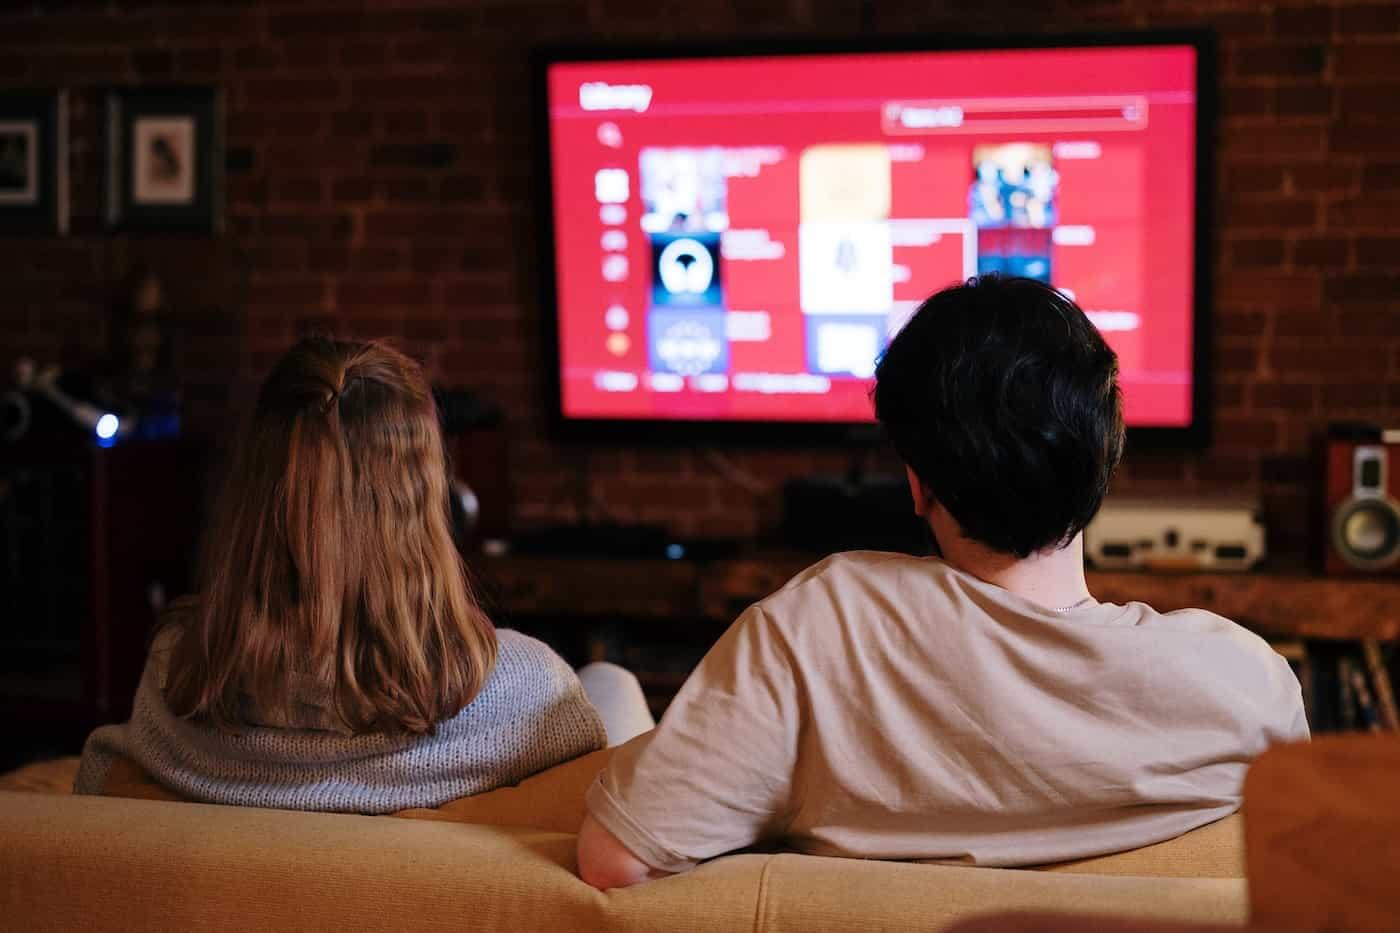 Ludzie oglÄ…dajÄ… YouTube na telewizorach, a nie w telefonach